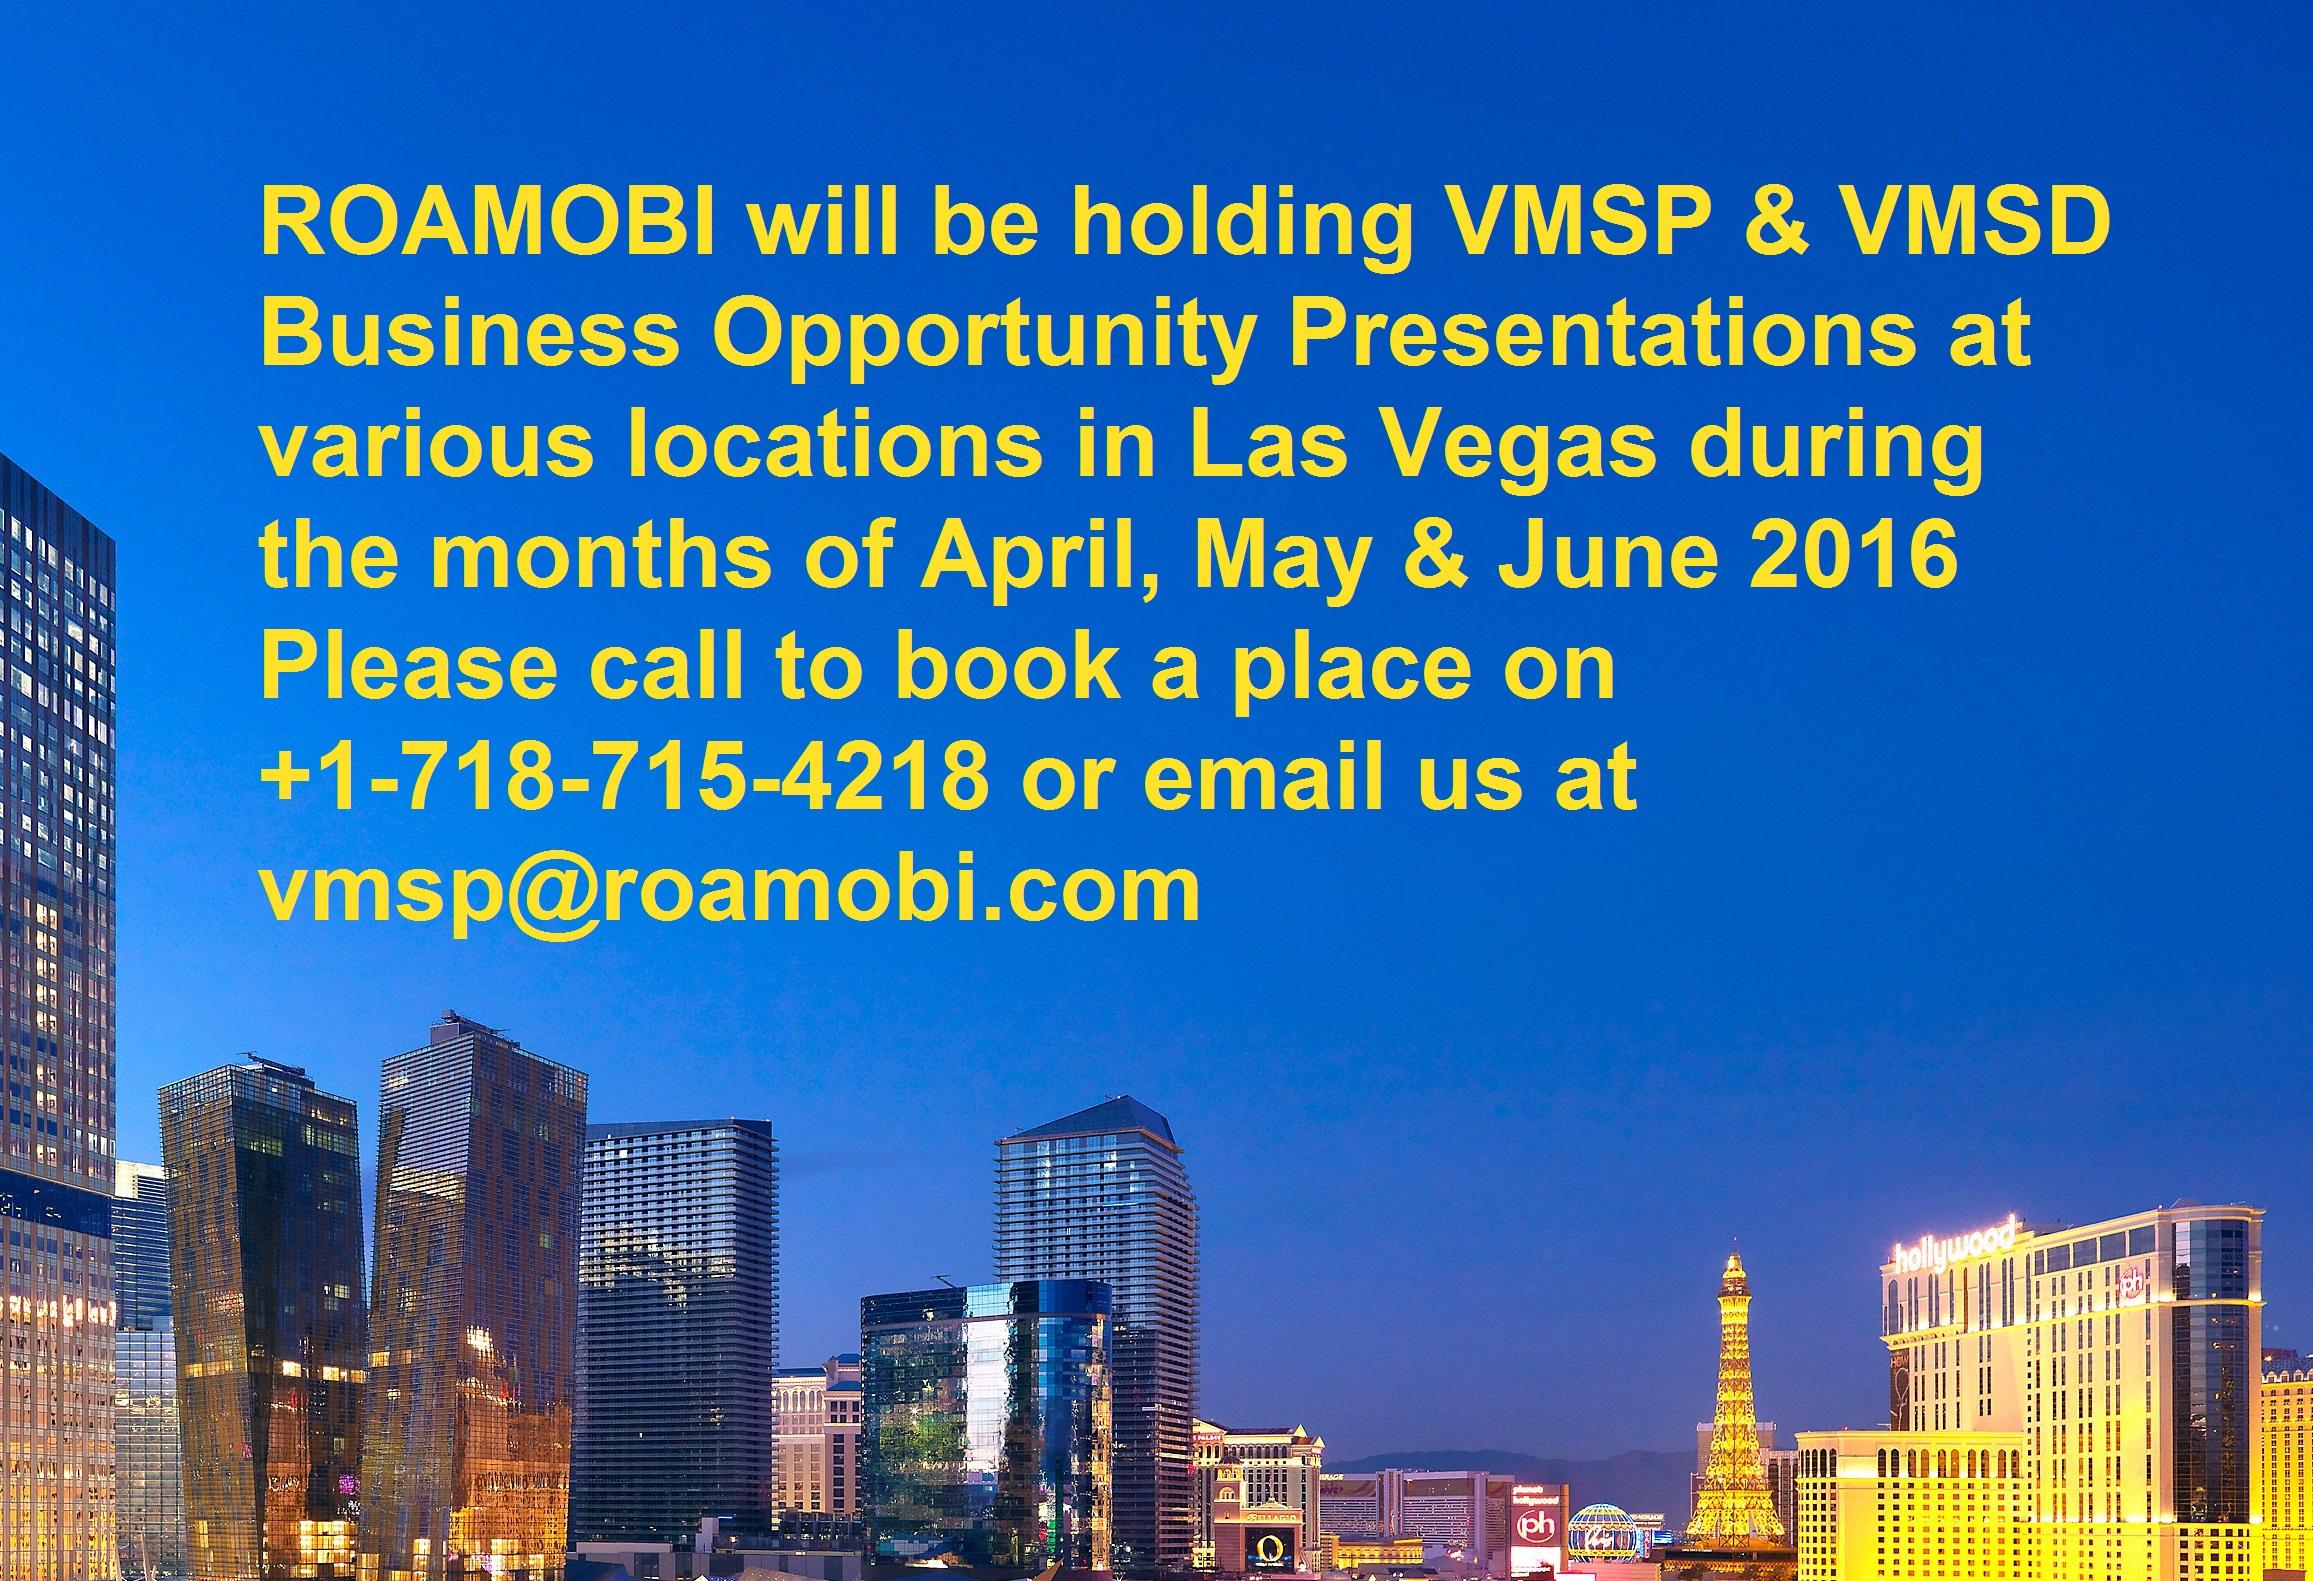 Roamobi-VMSP-VMSD-Presentations-16